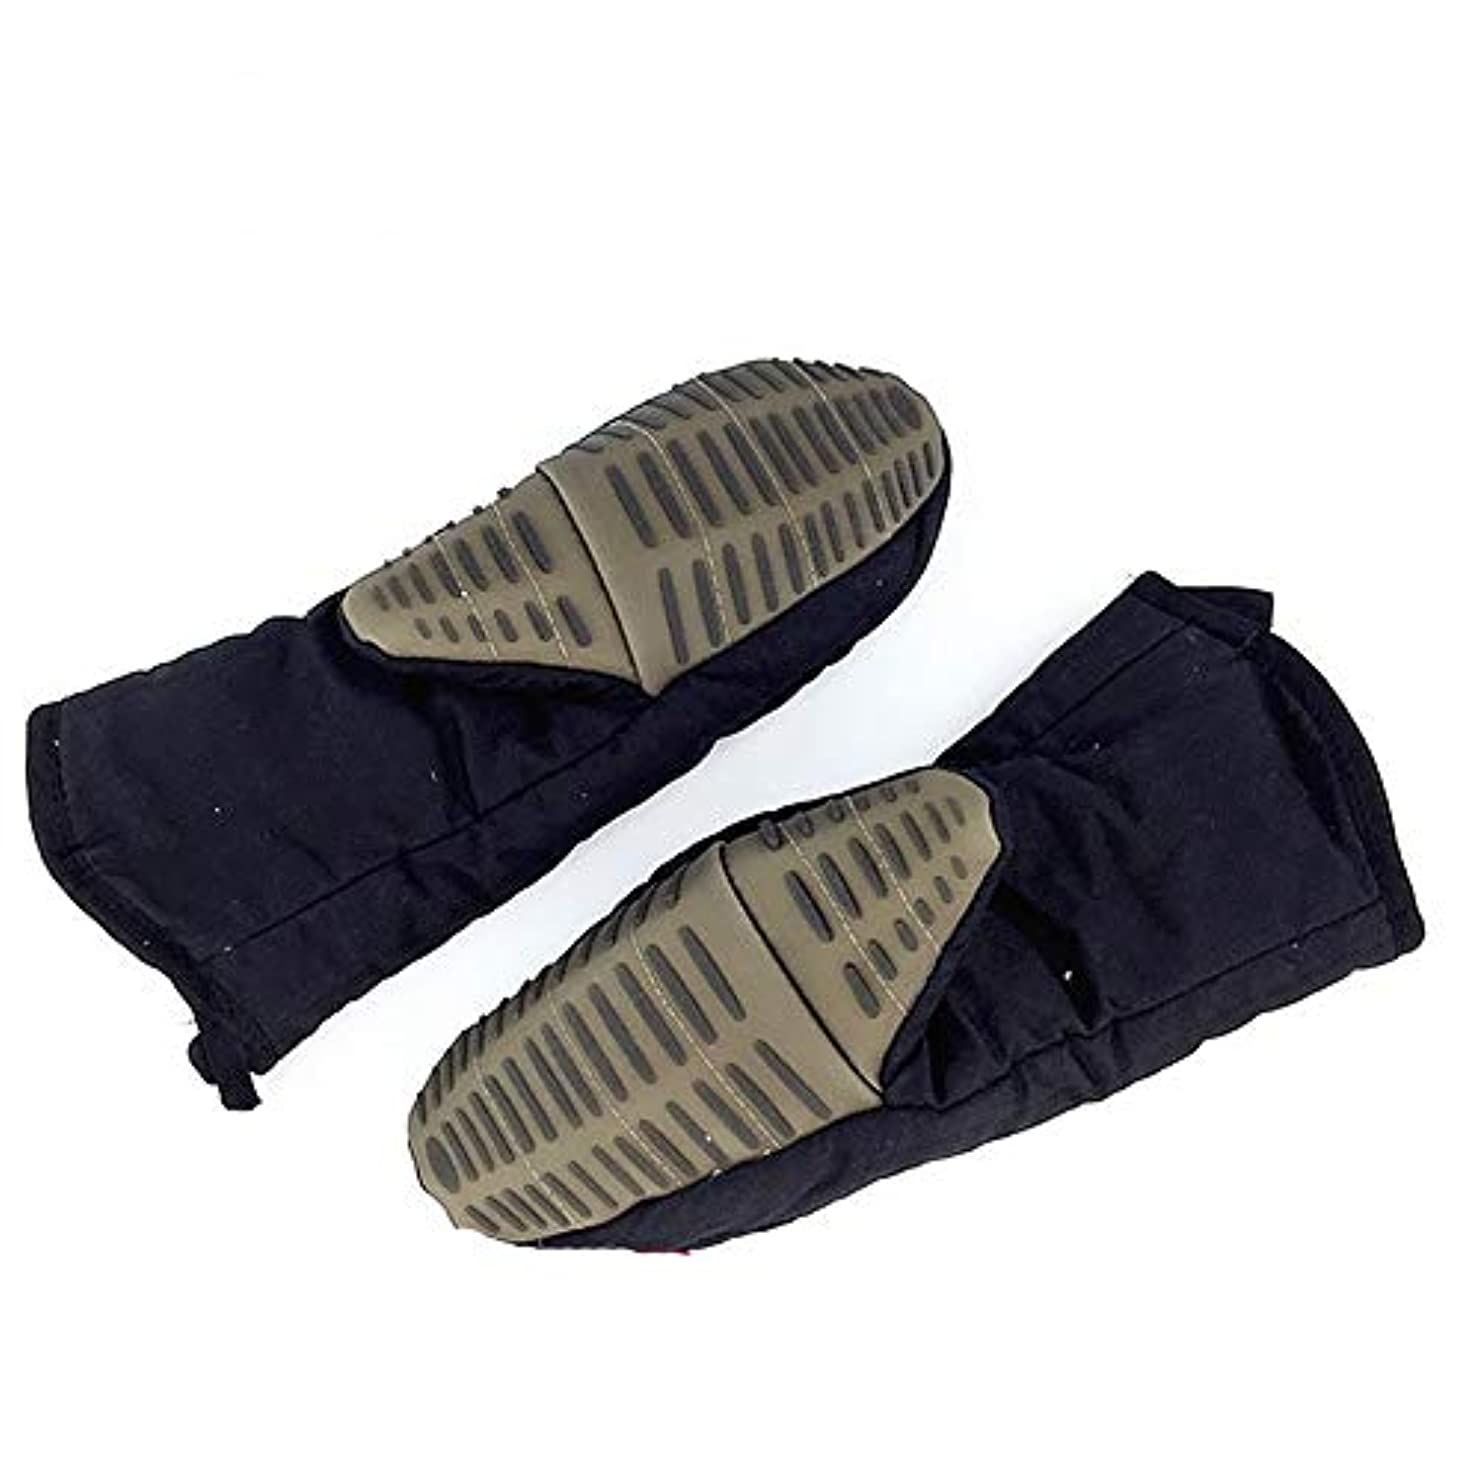 その間外観更新するBAJIMI 手袋 実用断熱手袋シリコーン高温耐性300度オーブン電子レンジやけ防止耐熱手袋